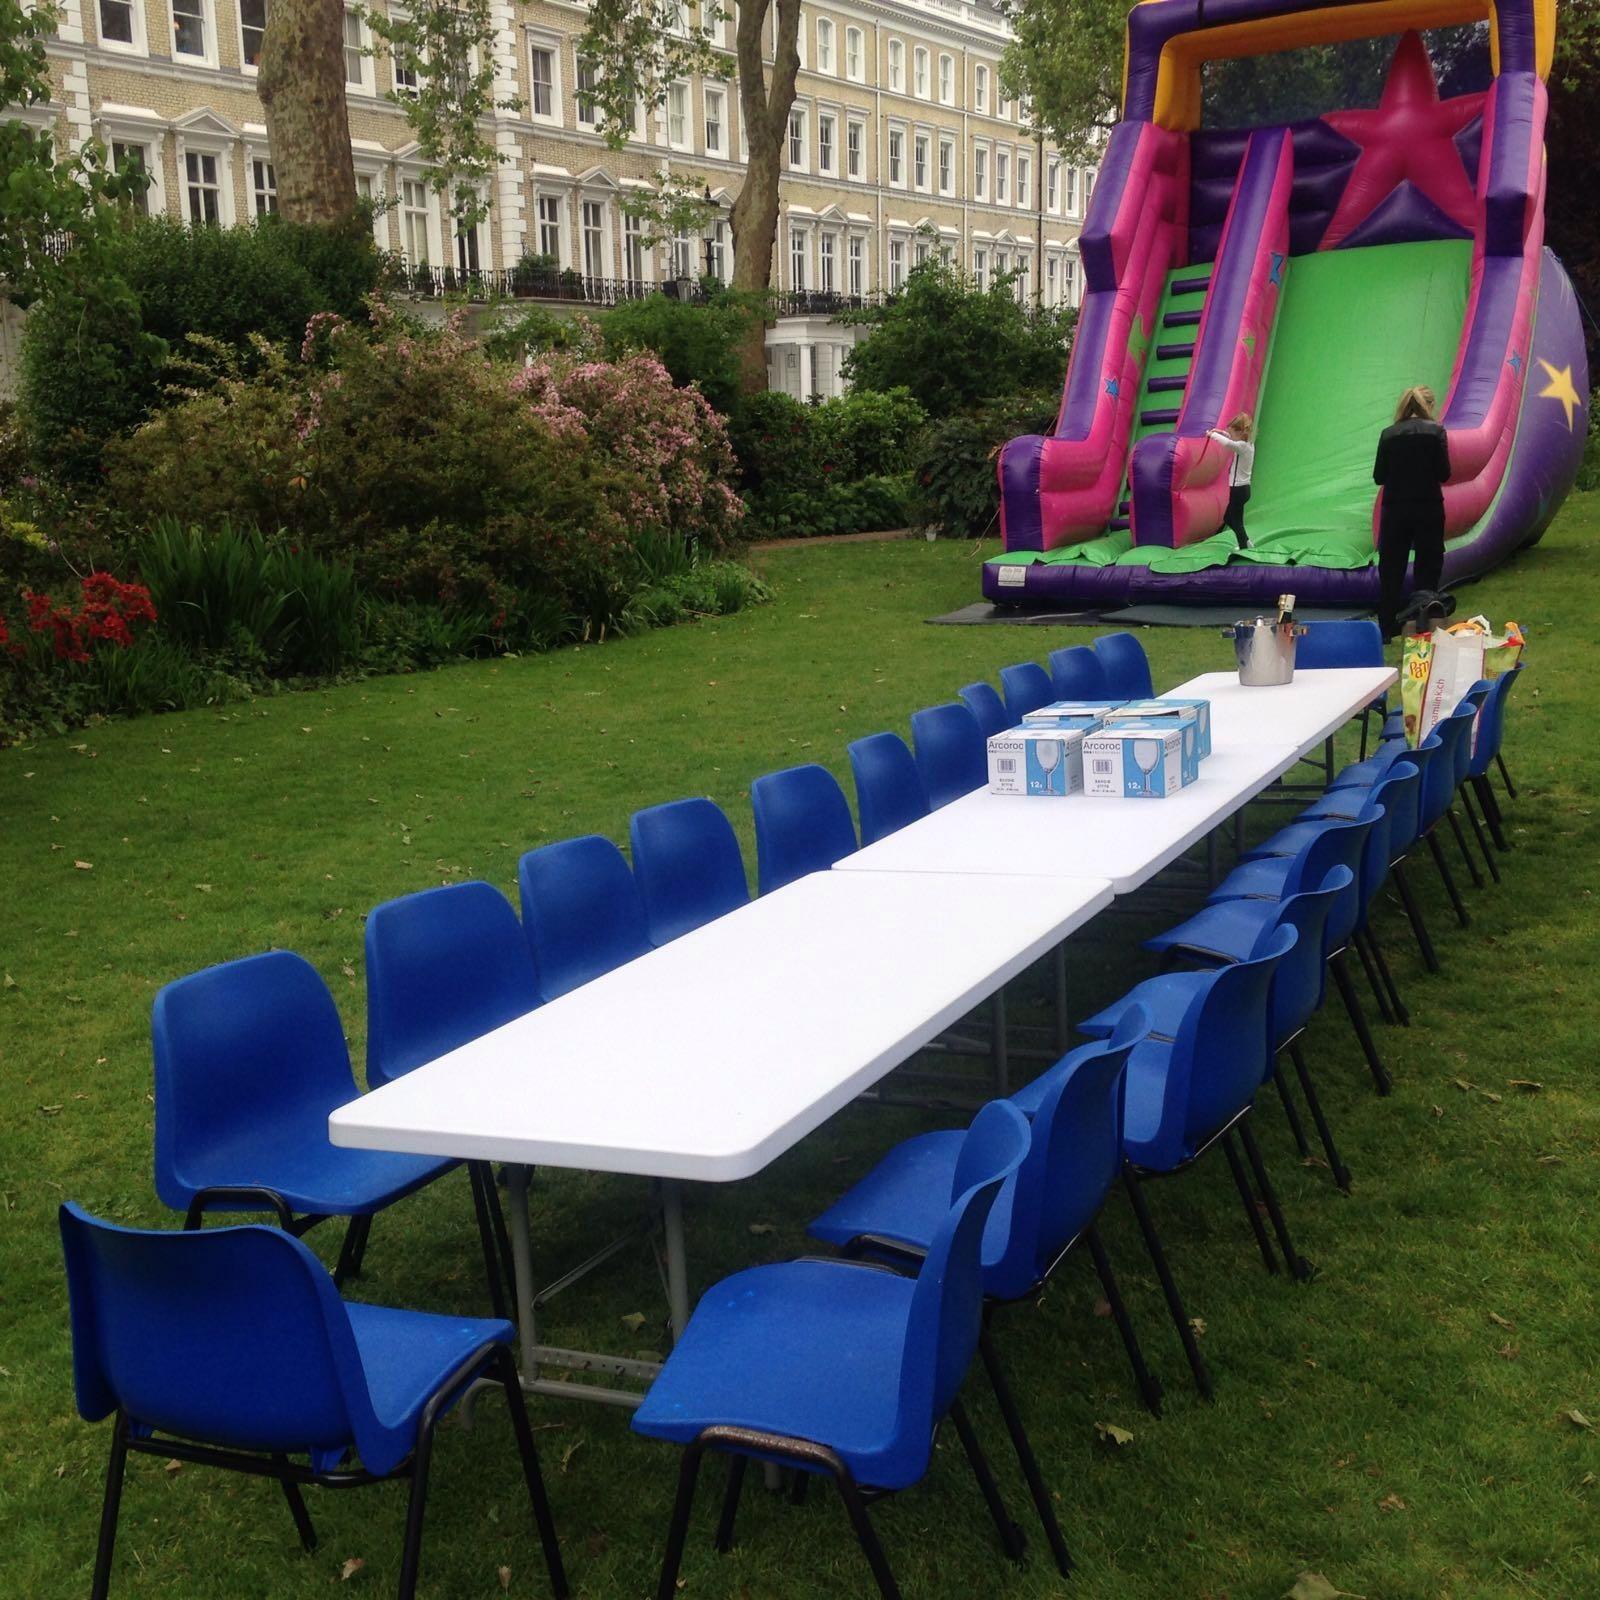 fun seating for adults